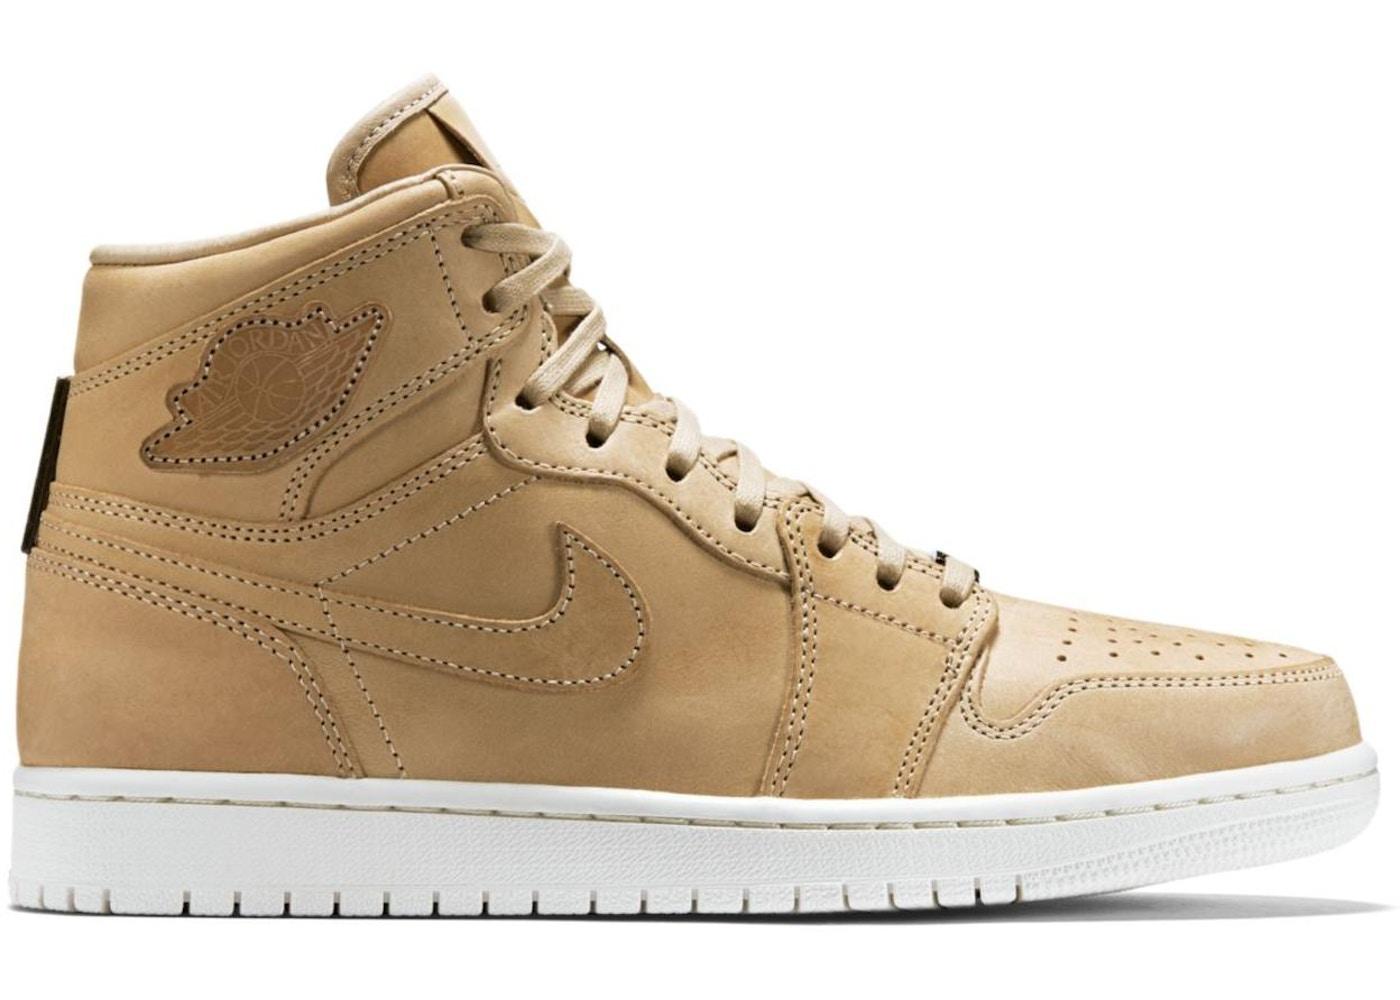 007da3d79e12 Sneaker Madness Jordan 1 Retro Pinnacle Vachetta Tan - 705075-201